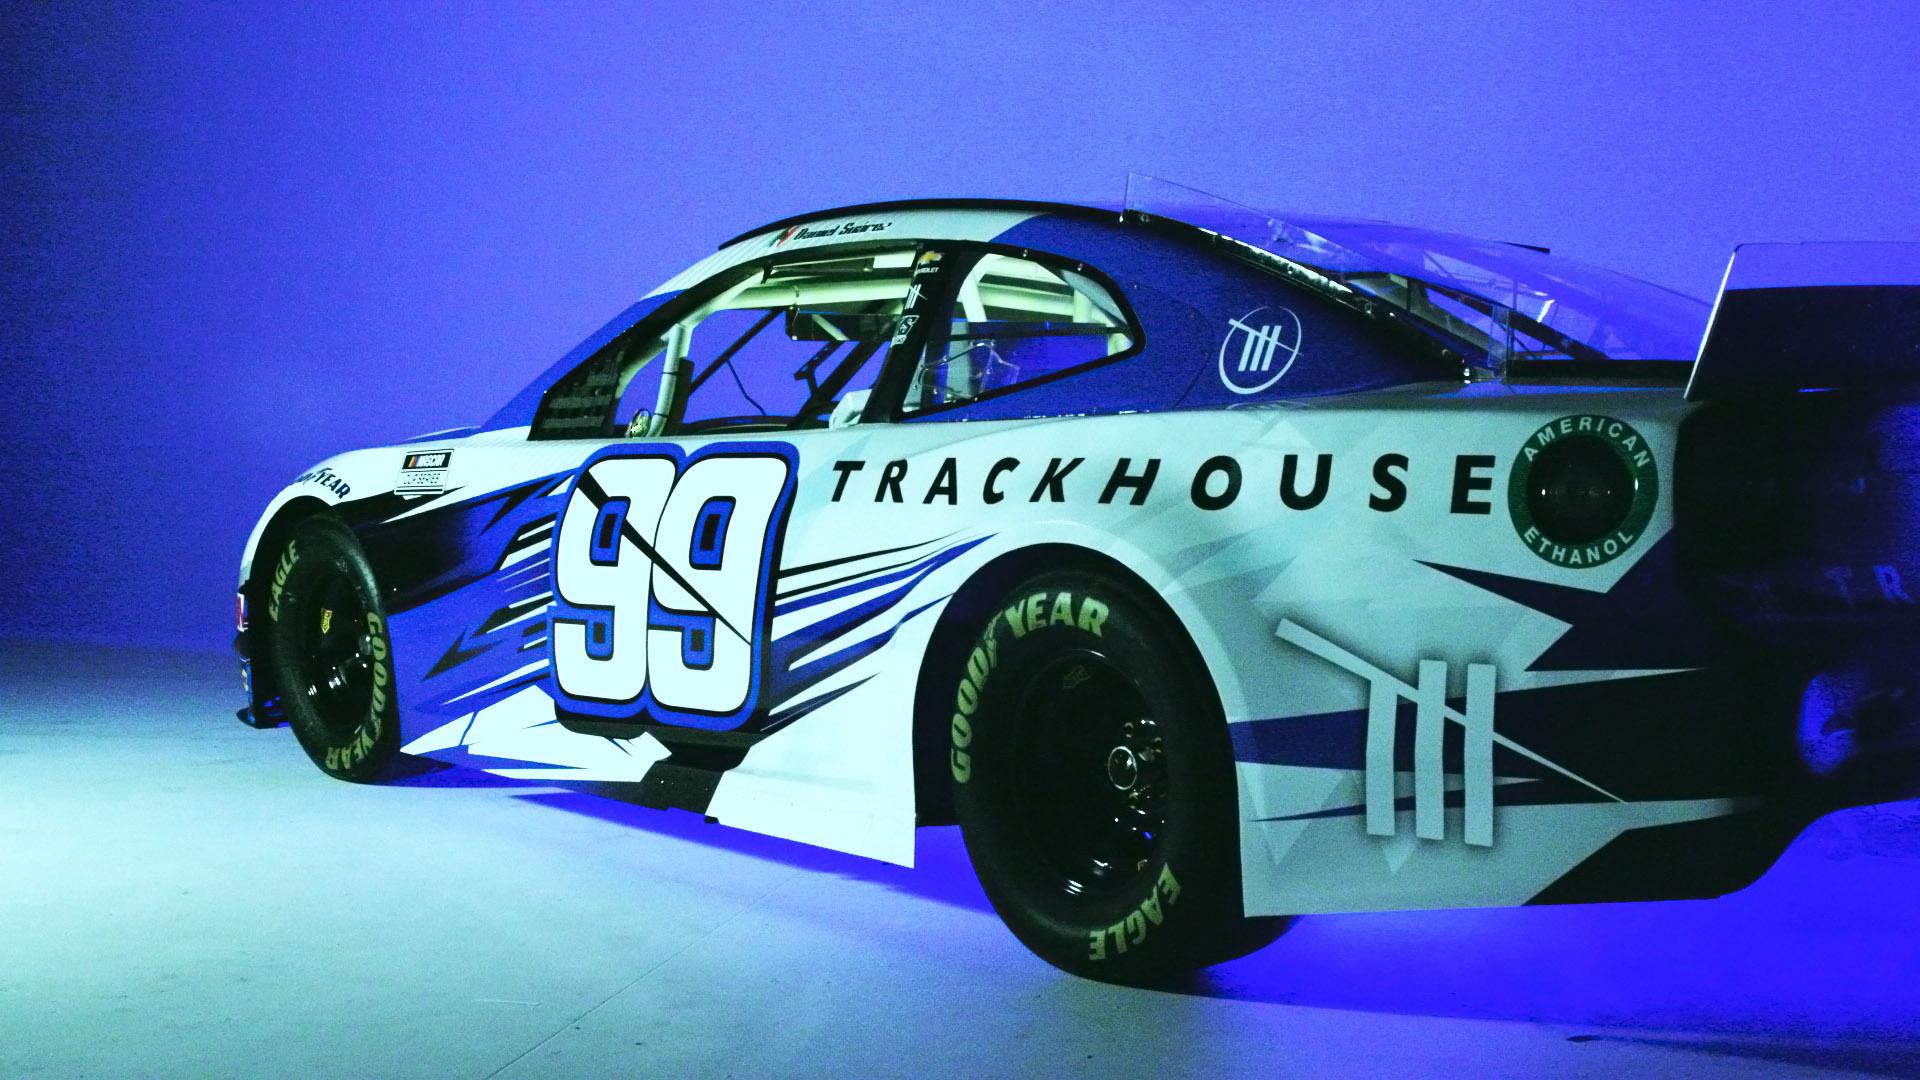 A Trackhouse Racing már az Indy 500-zal is szemez